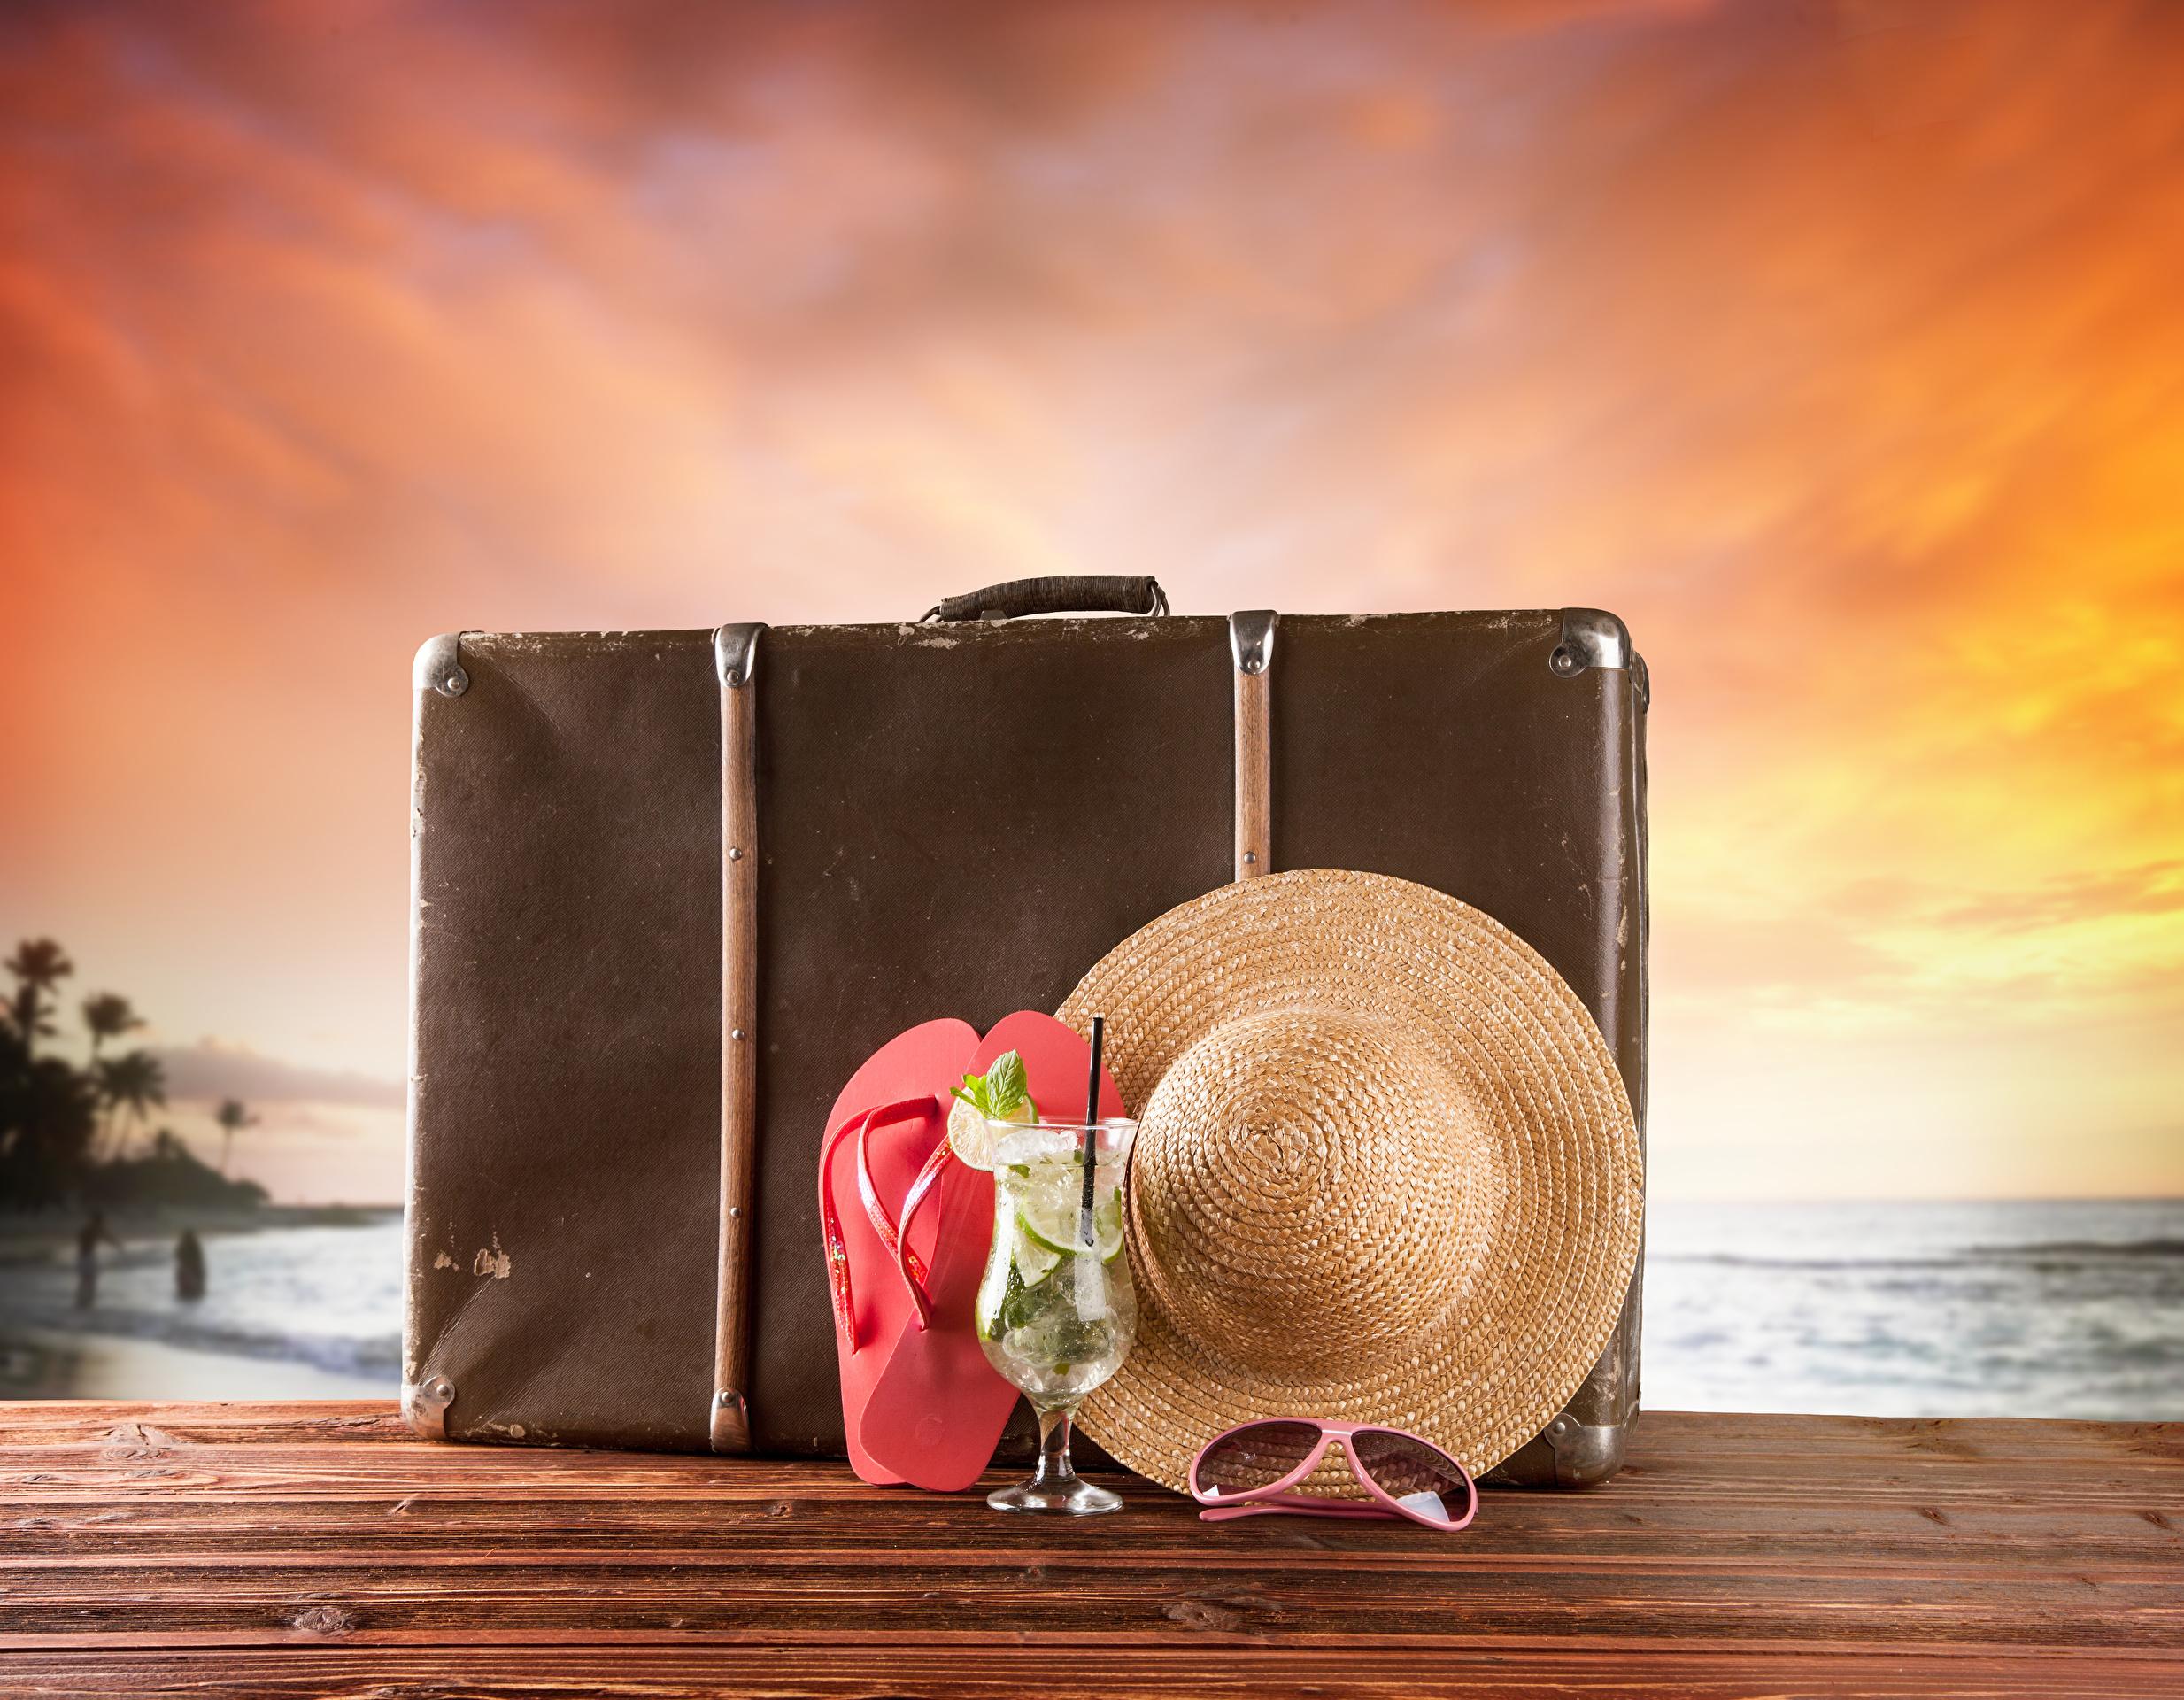 Обои чемодан. Разное foto 12